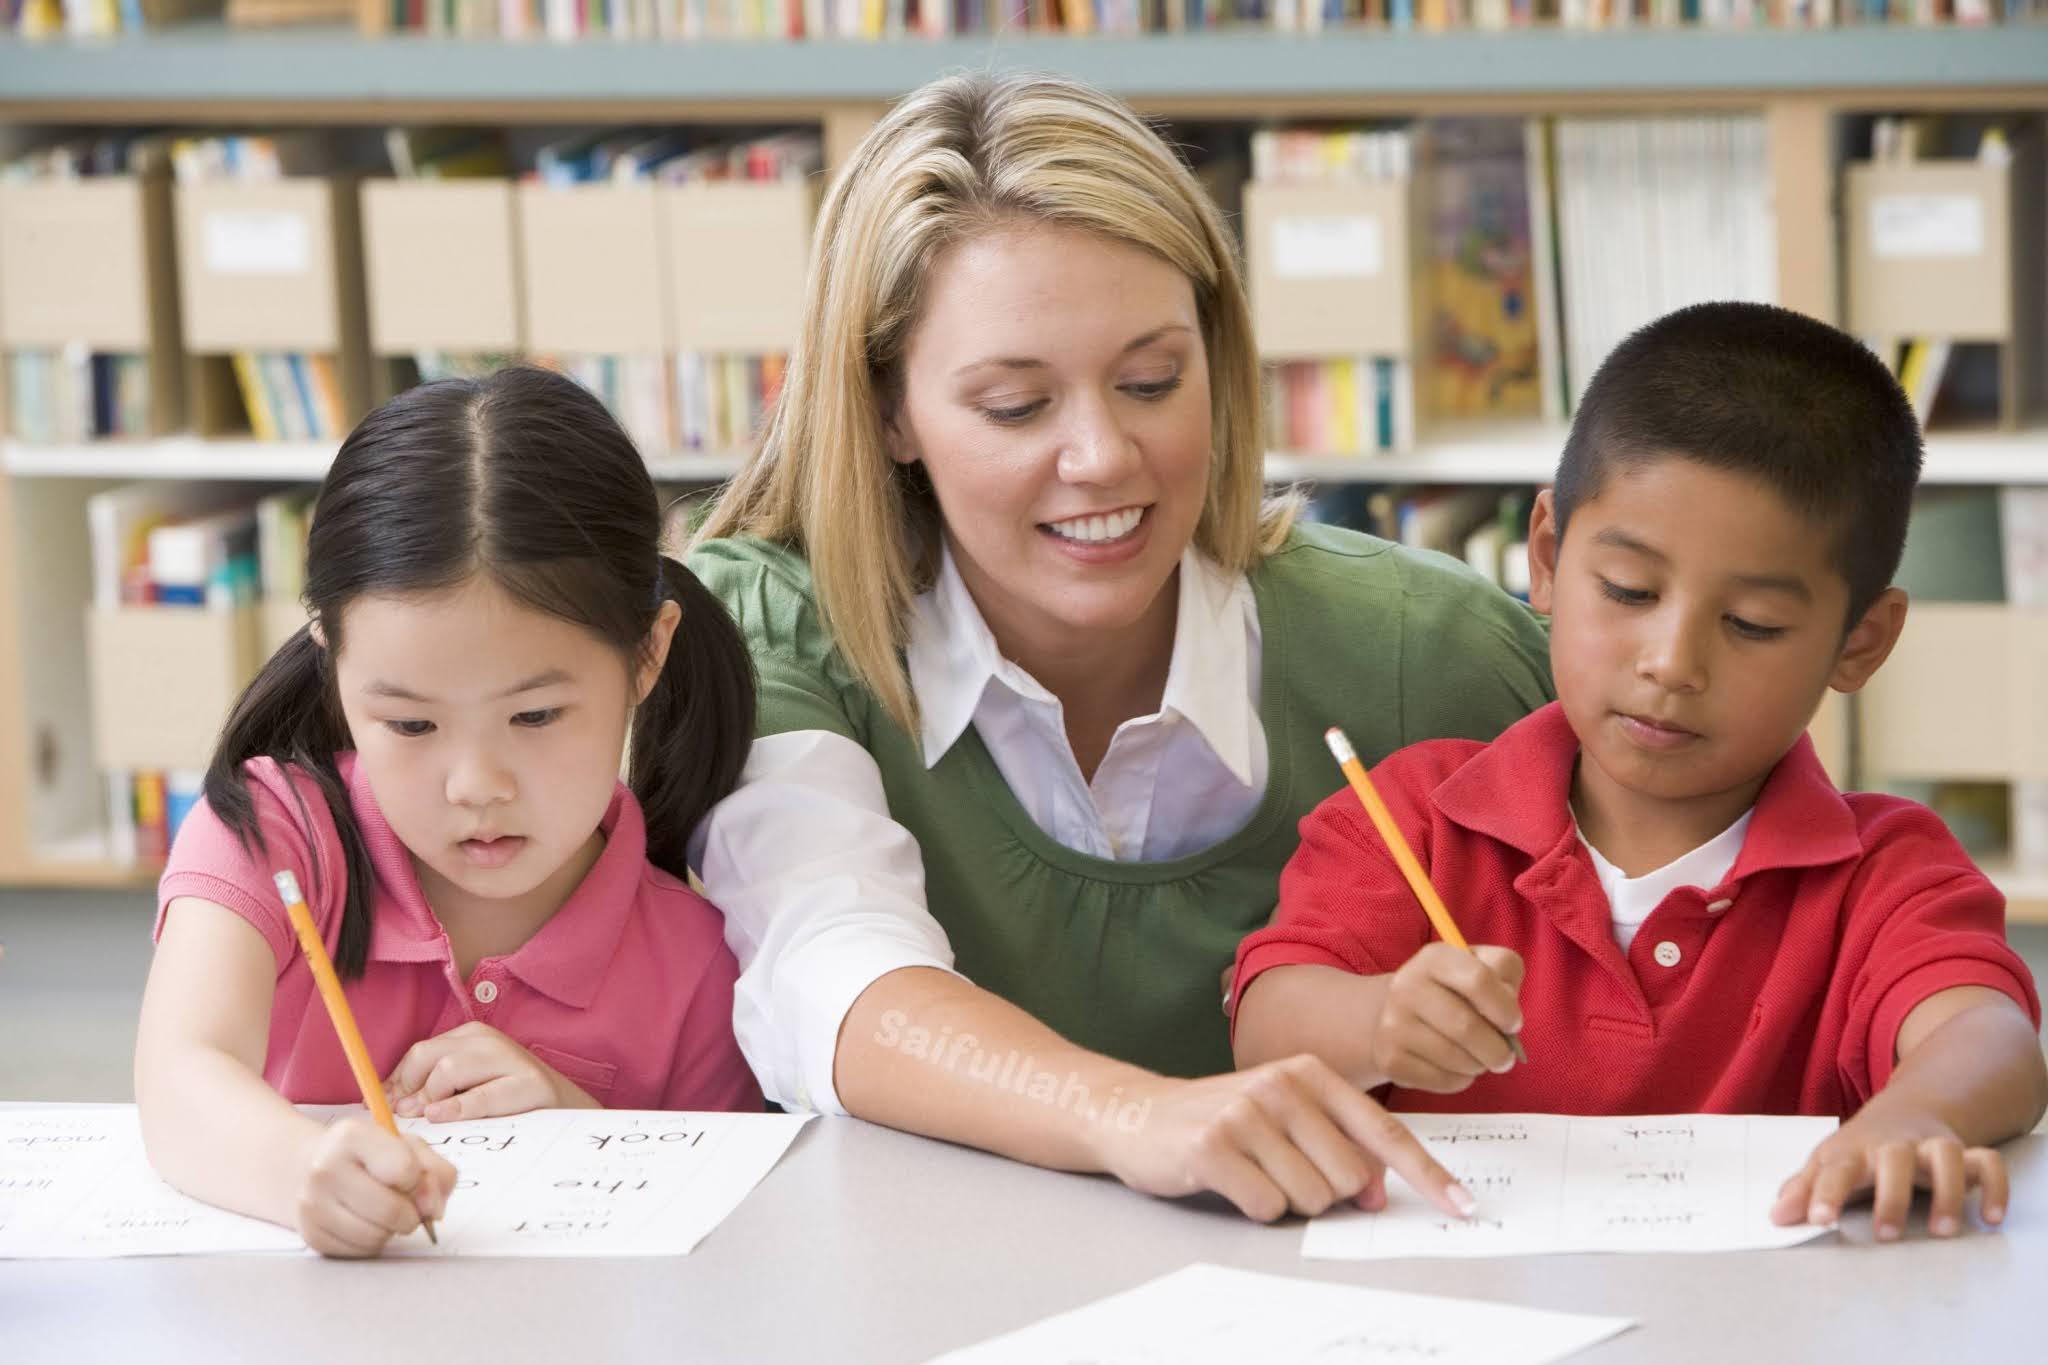 Lowongan Kerja Guru Private Anak Sekolah Dasar (SD) Pontianak